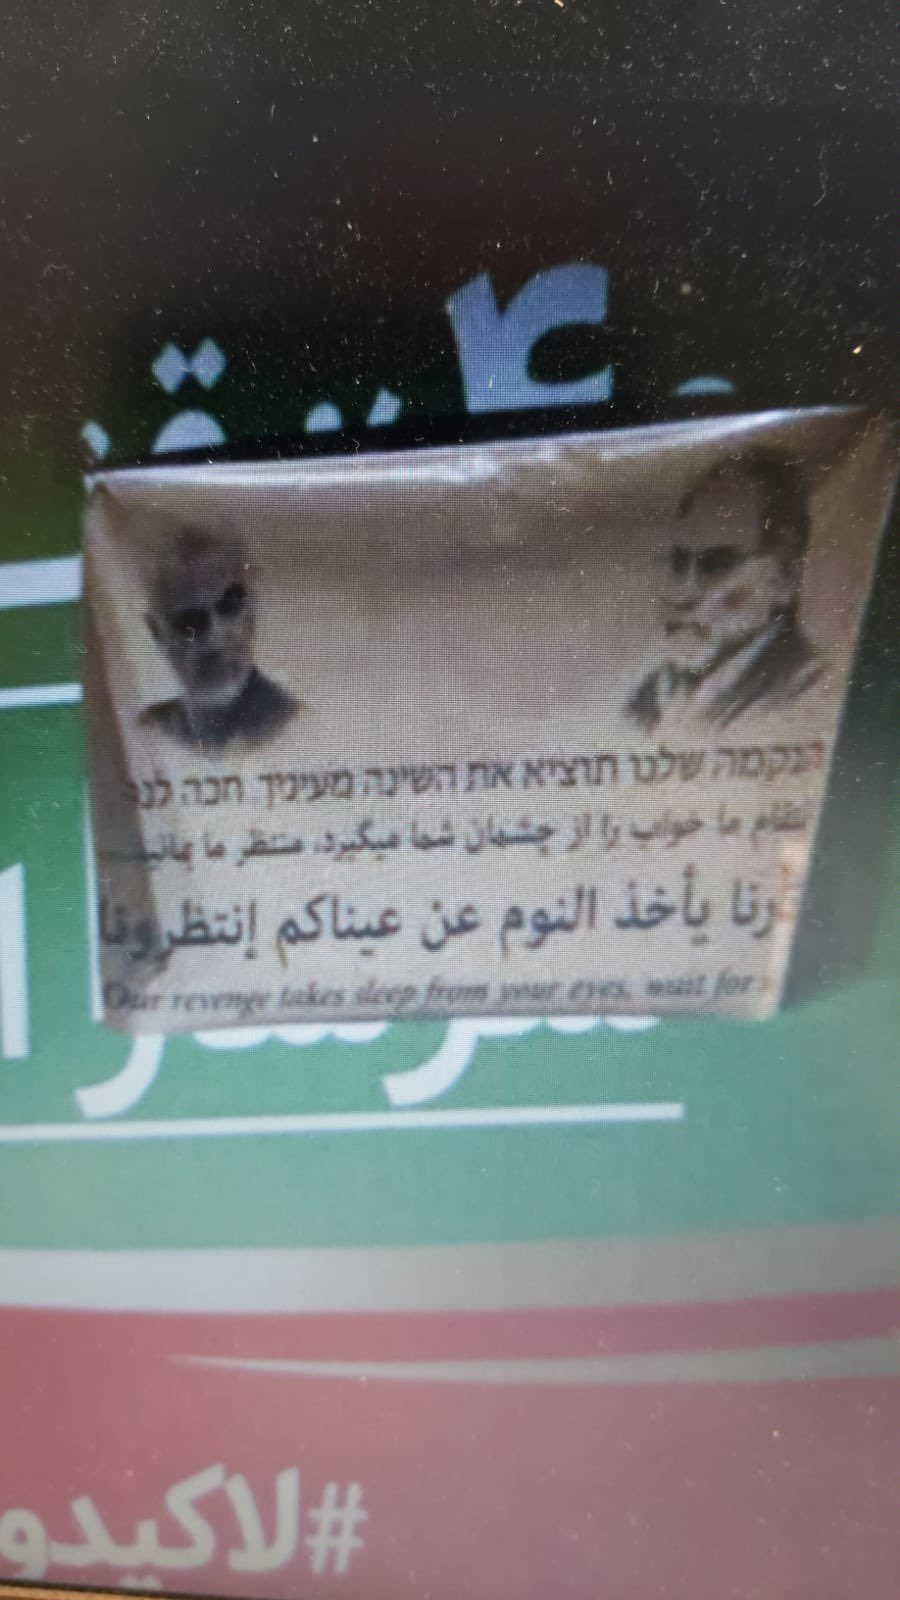 לפי דיווחים מאיראן, במקום דגל ישראל שהונח על אחד הגשרים בטהראן עם הכיתוב ״תודה למוסד״, לאחר שהוסר ע״י המשטר, תומכי המשטר שמו את השלט הבא עם כיתוב בעברית ערבית ופרסית // מתוך GLOBAL